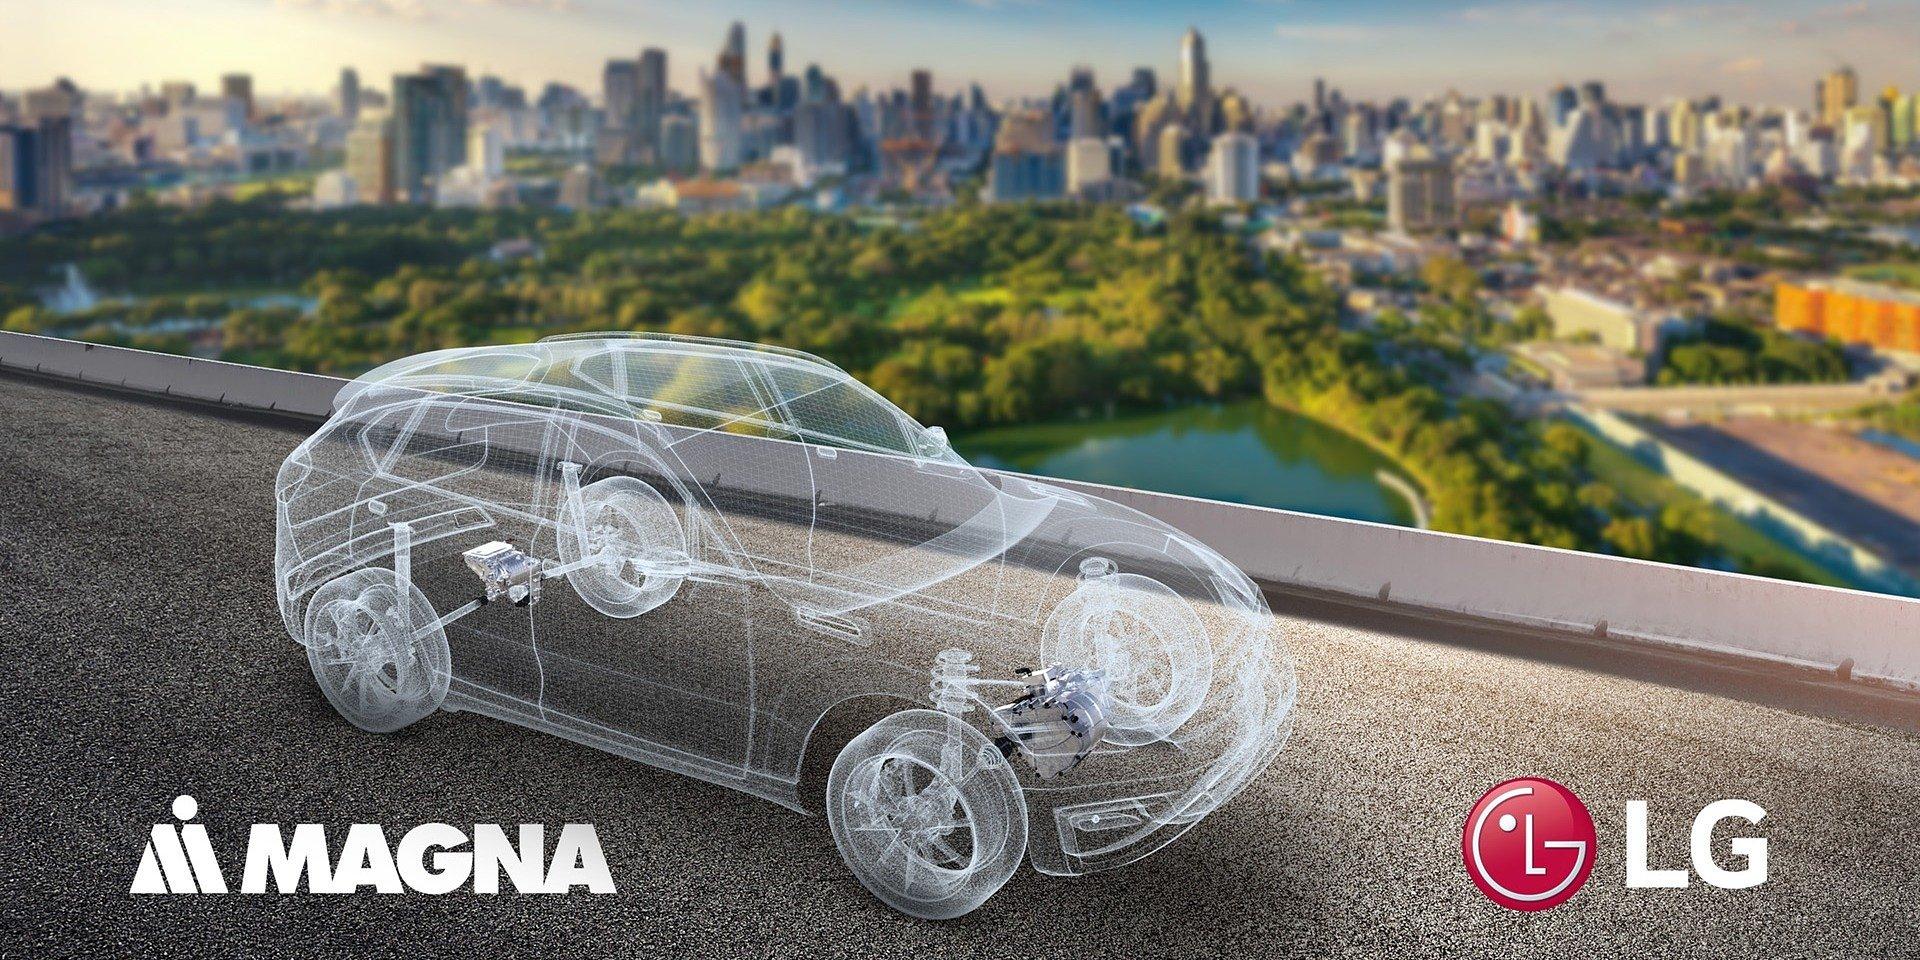 Firmy LG i MAGNA podpisały umowę joint venture, aby prowadzić wspólne działania na rynku elektrycznych układów napędowych